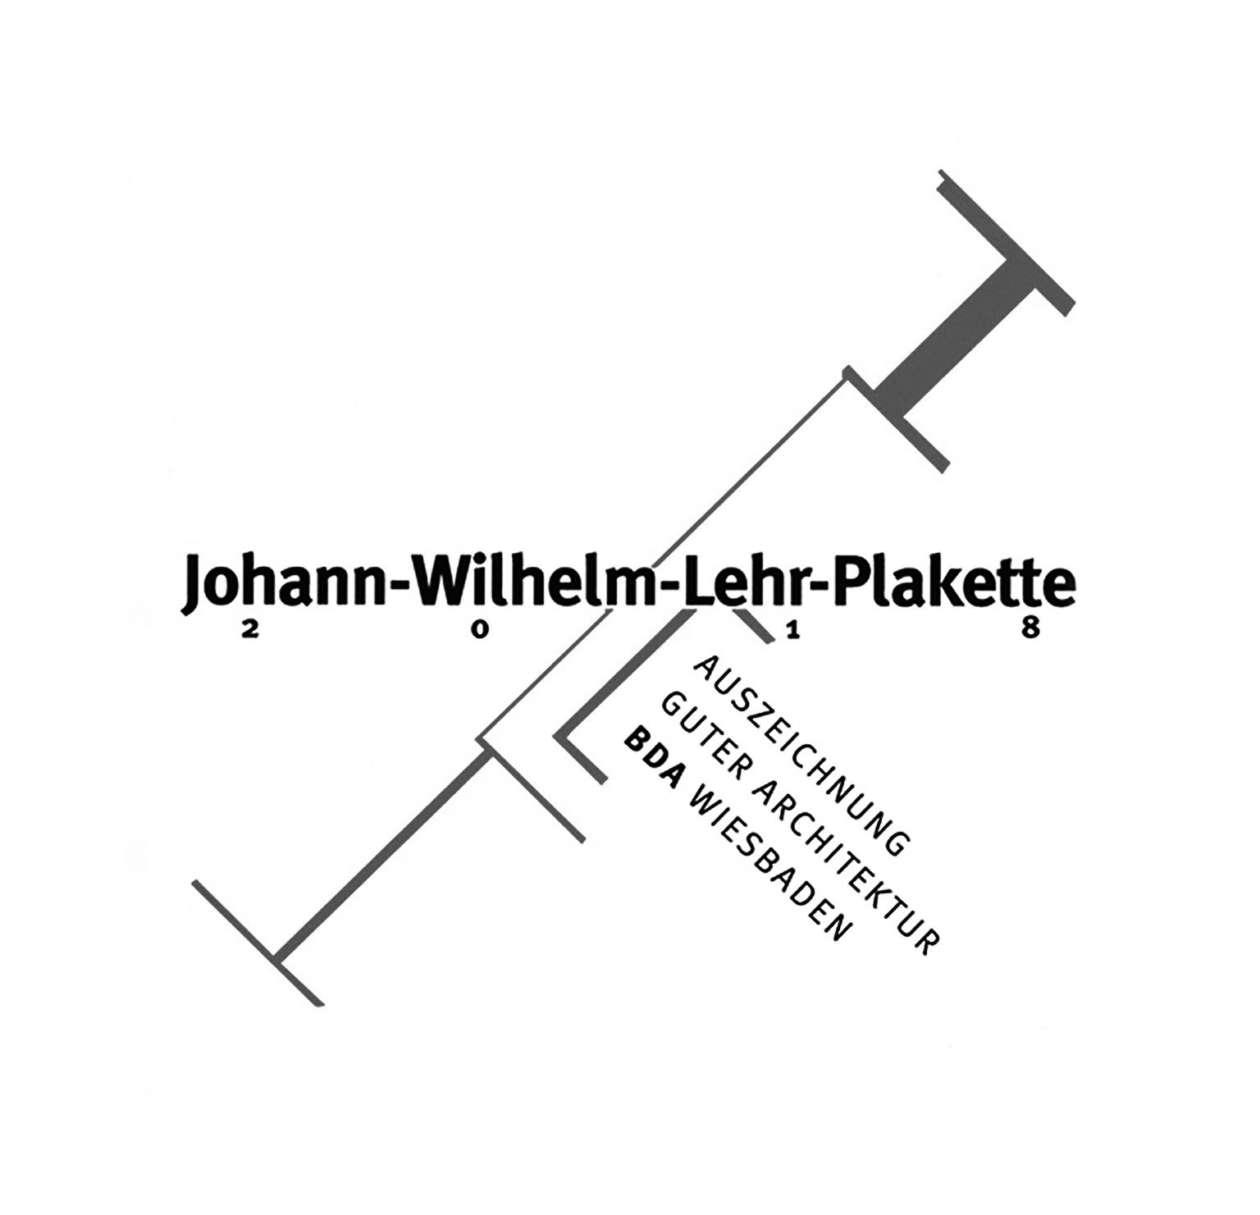 Wilhelm Lehr Plakette 2018 02